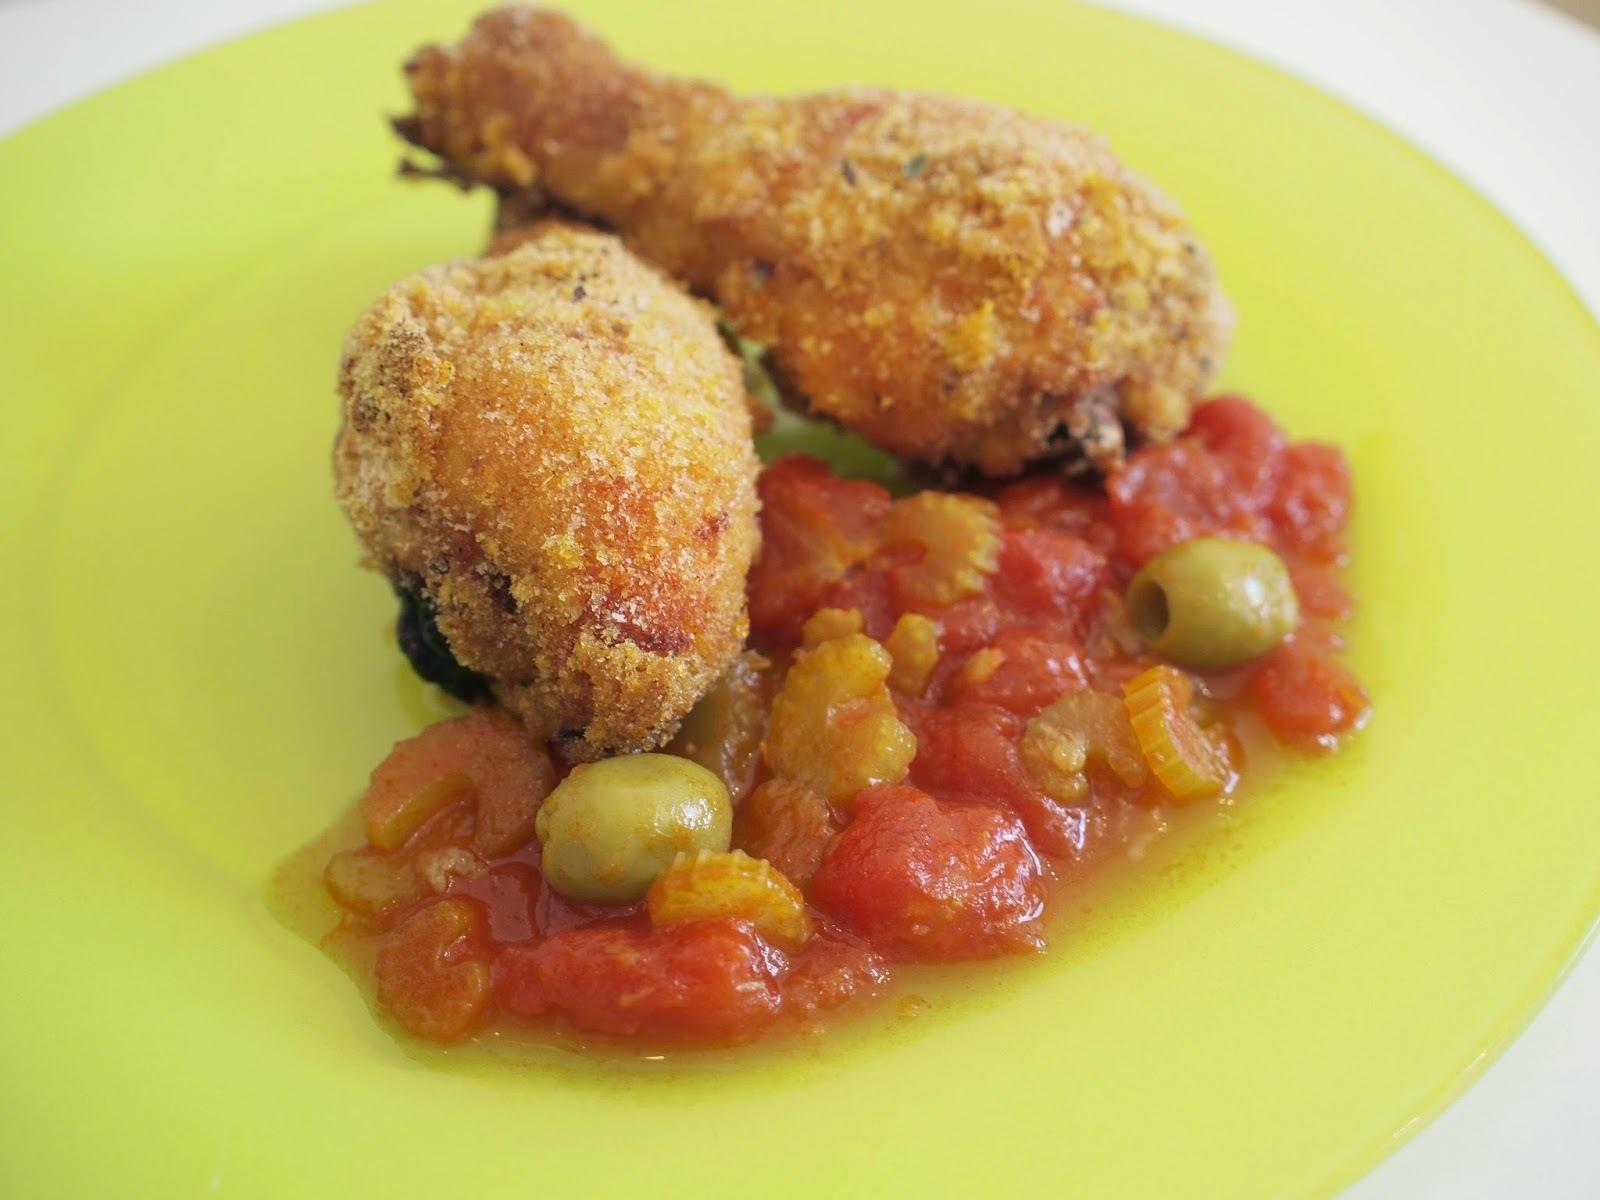 coxa assada com maionese e molho de tomate